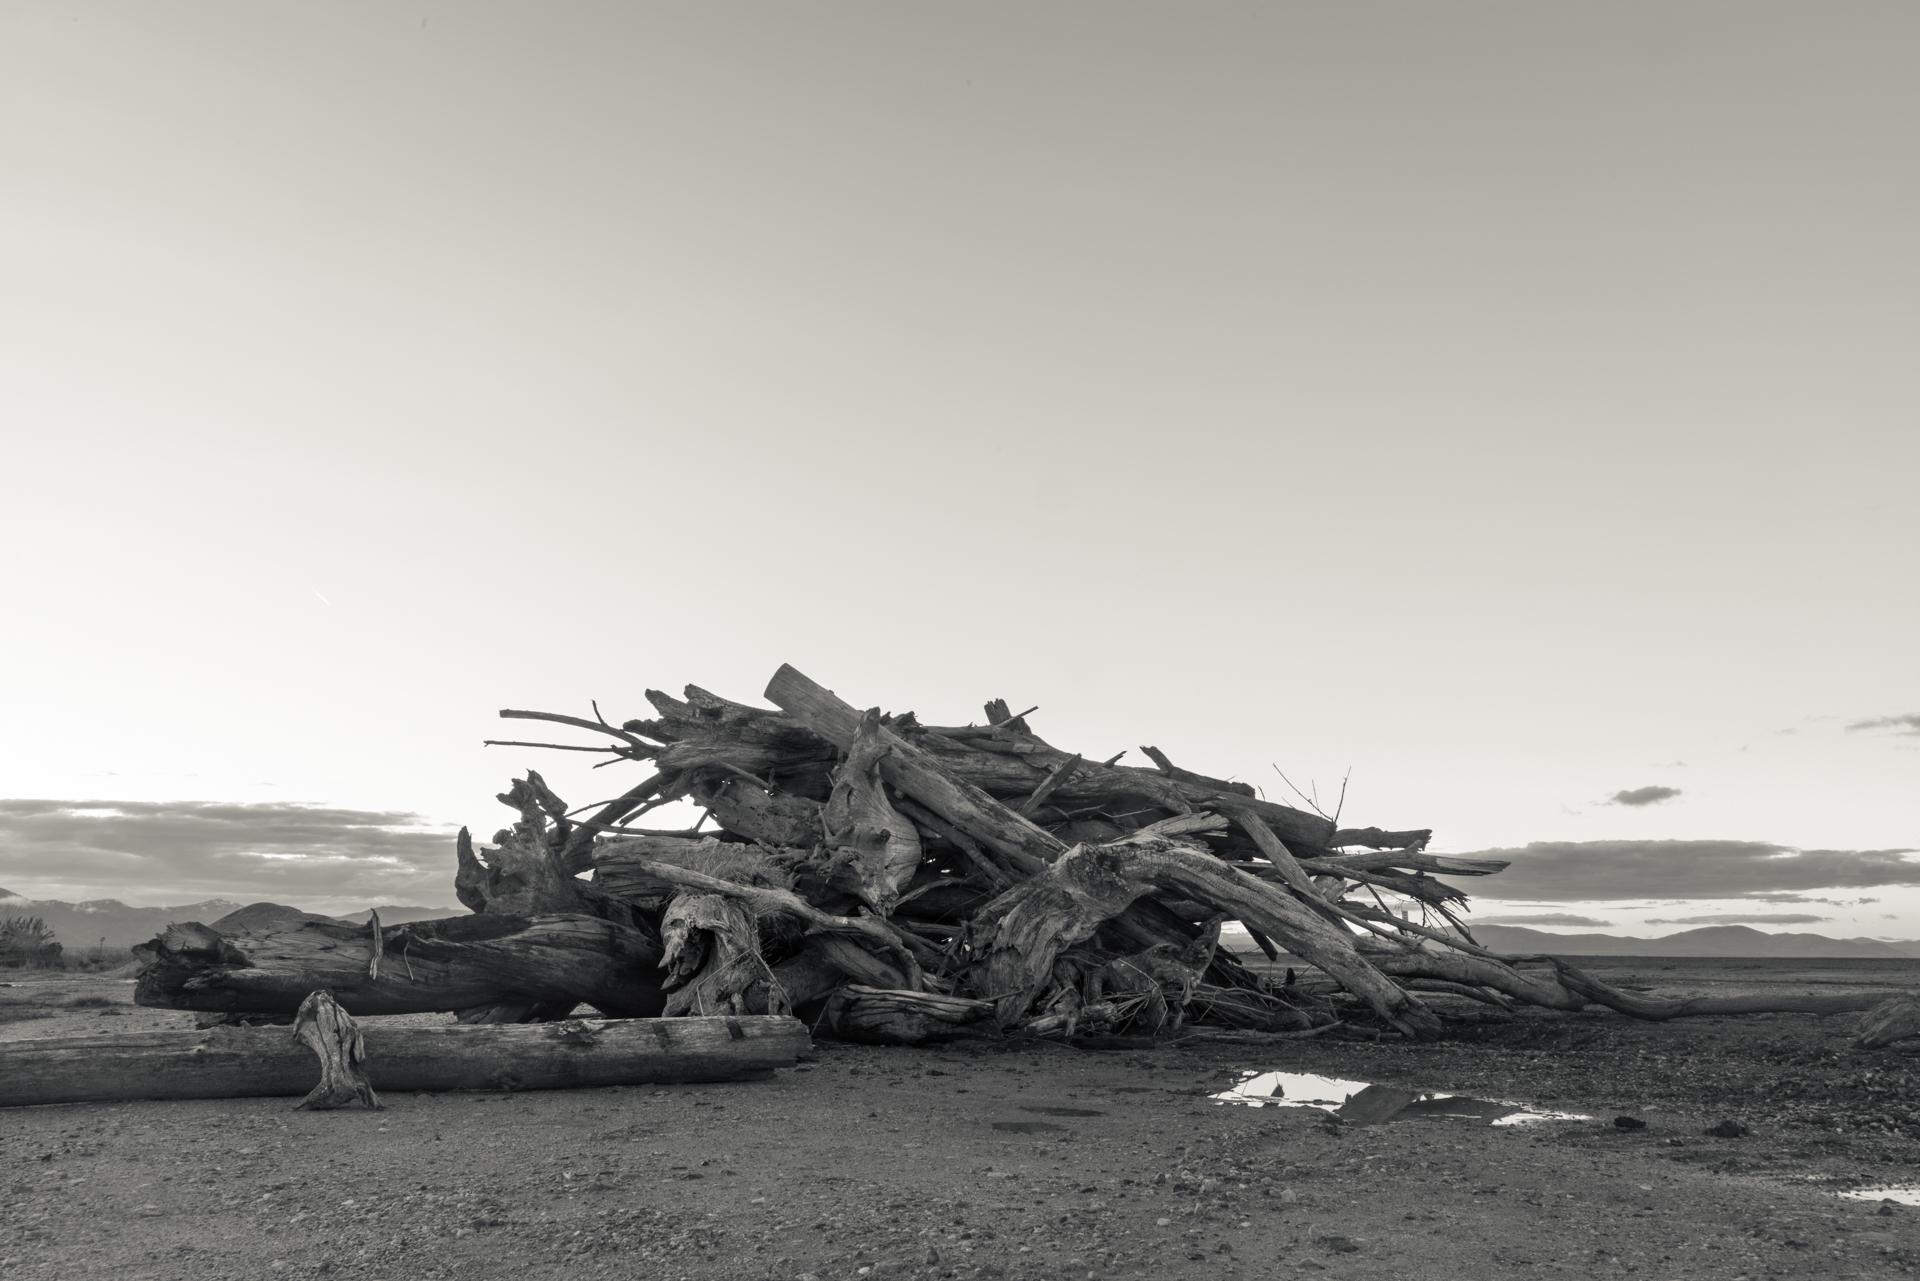 Debris Pile, Bear River Migratory Bird Refuge, Utah 2017